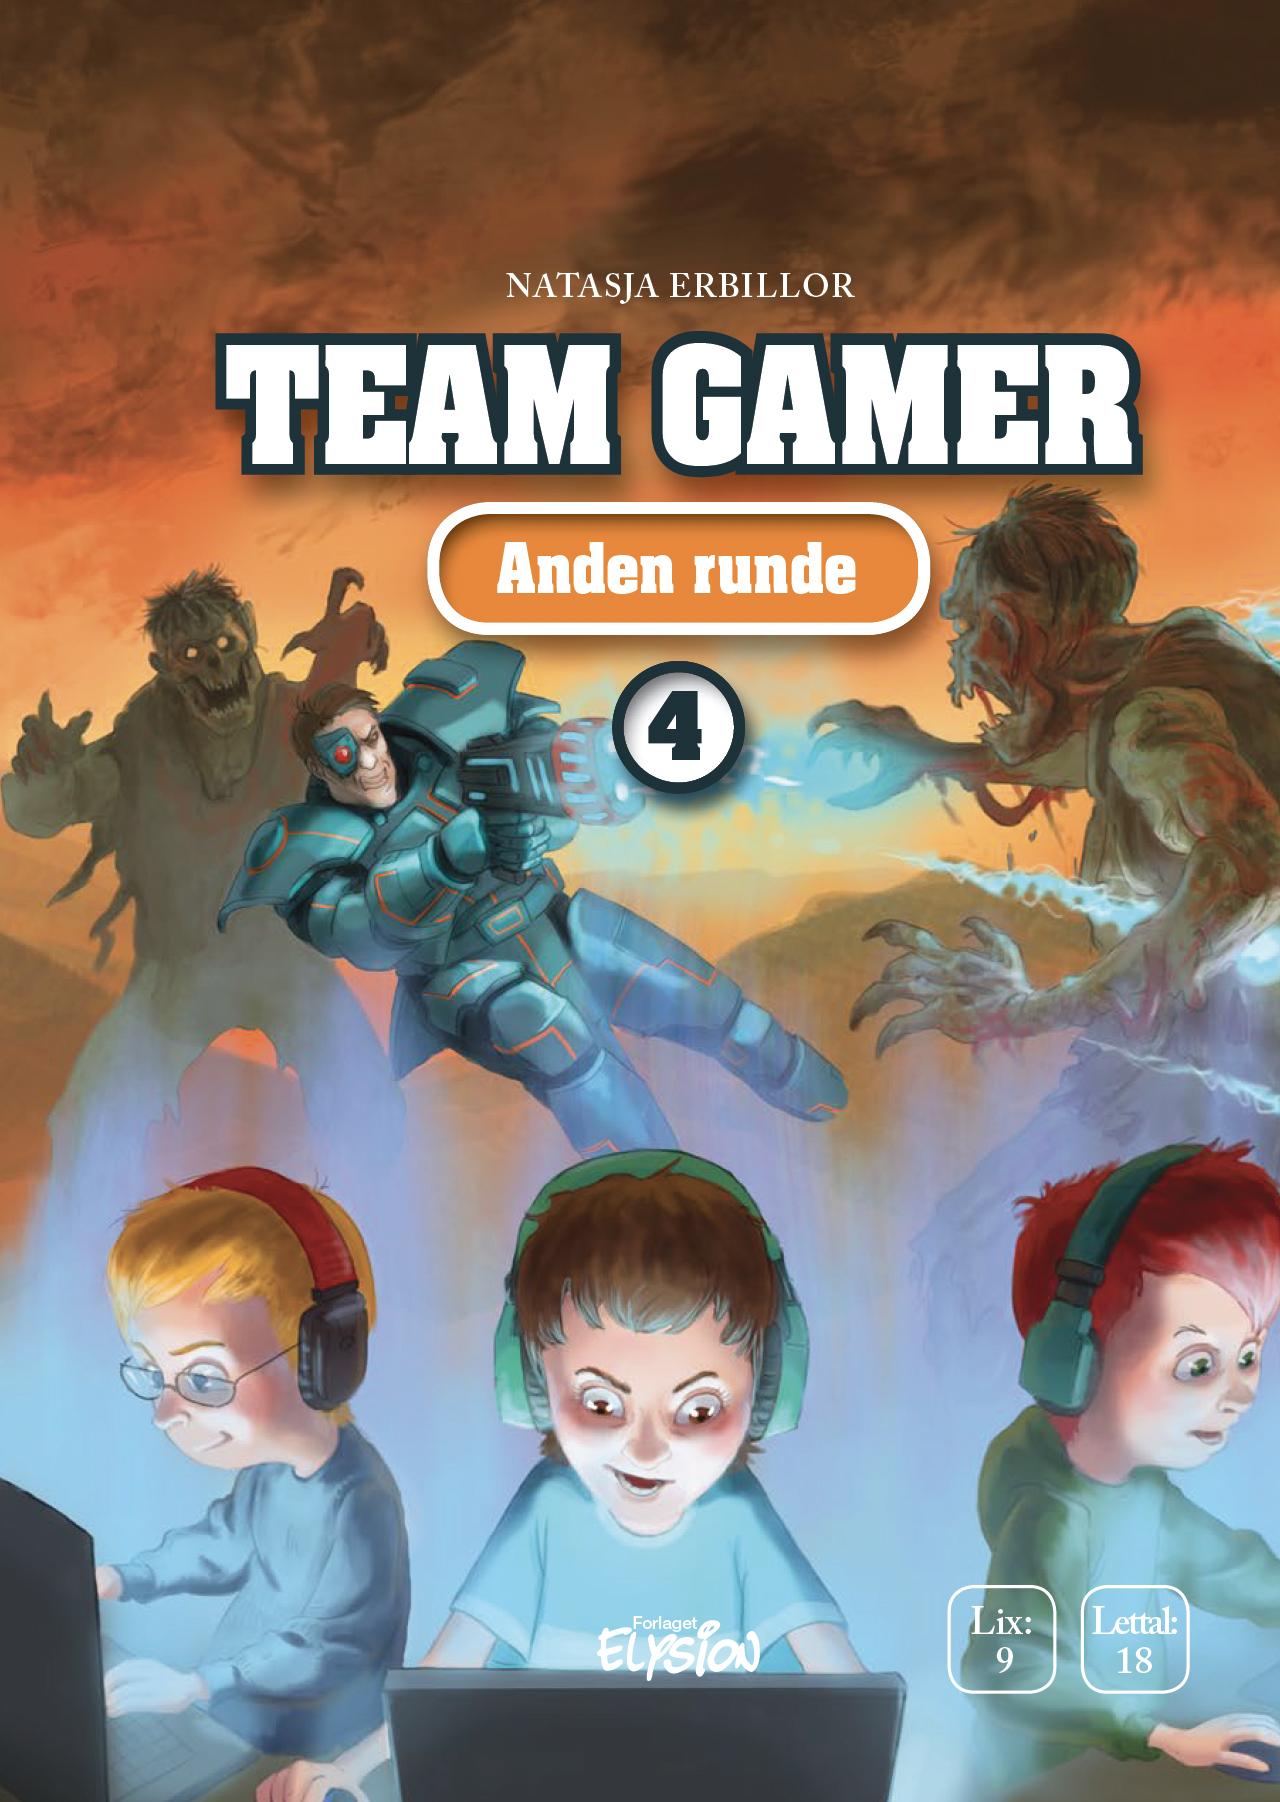 Team Gamer 4: Anden runde - Natasja Erbillor - Bøger - Forlaget Elysion - 9788772146041 - 16/1-2020